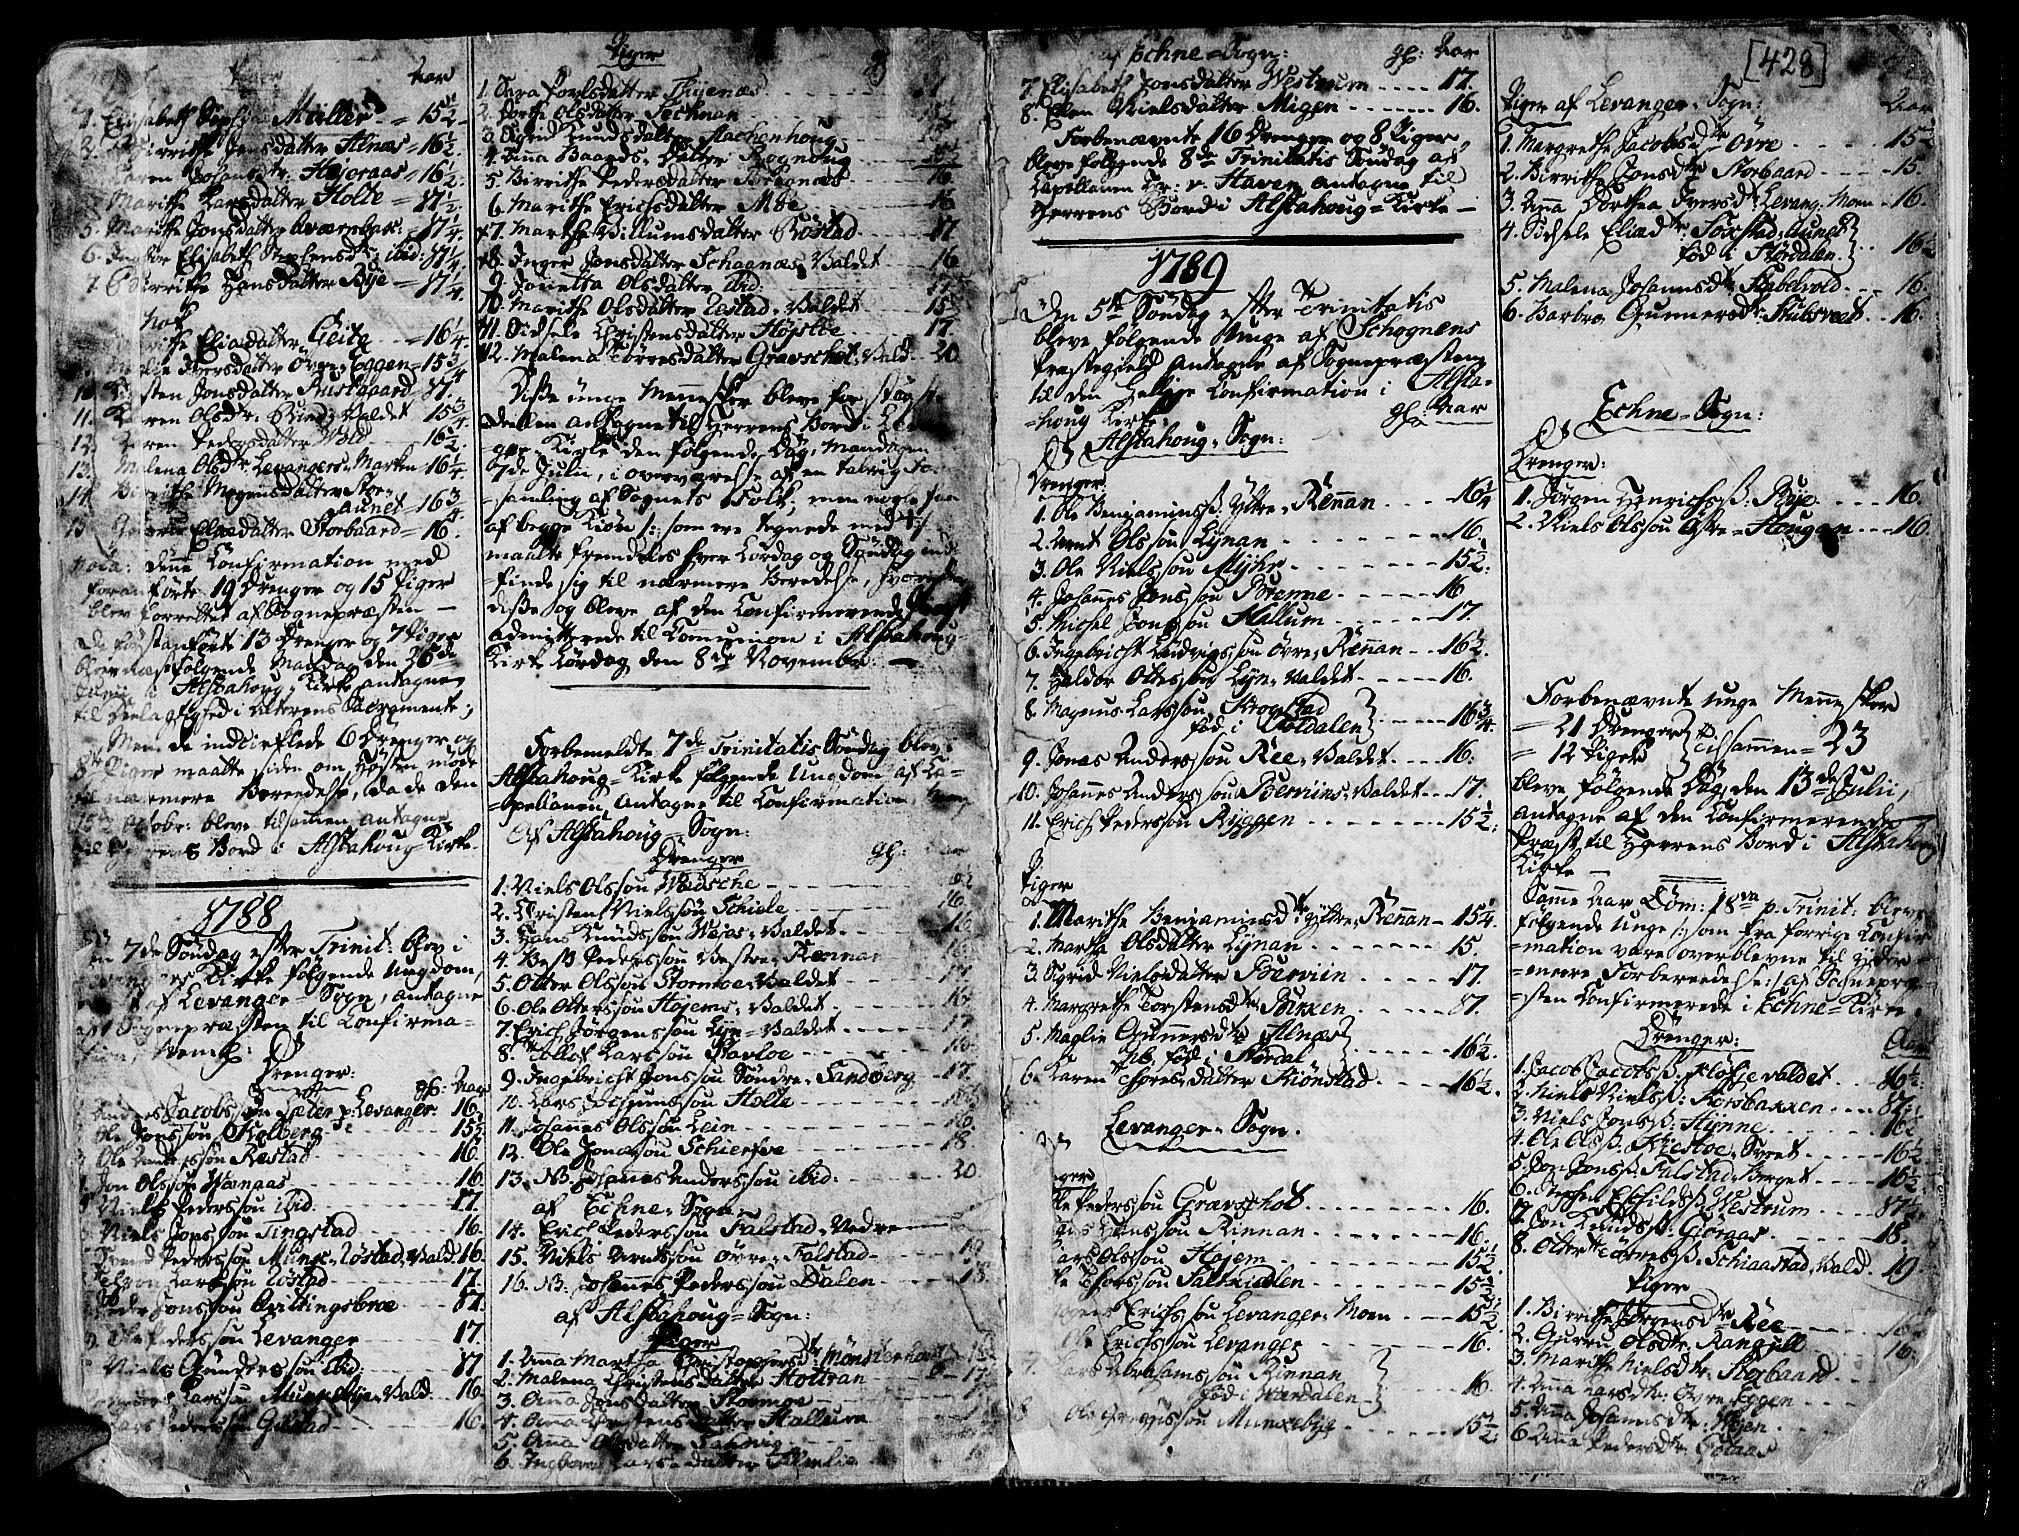 SAT, Ministerialprotokoller, klokkerbøker og fødselsregistre - Nord-Trøndelag, 717/L0141: Ministerialbok nr. 717A01, 1747-1803, s. 427-428